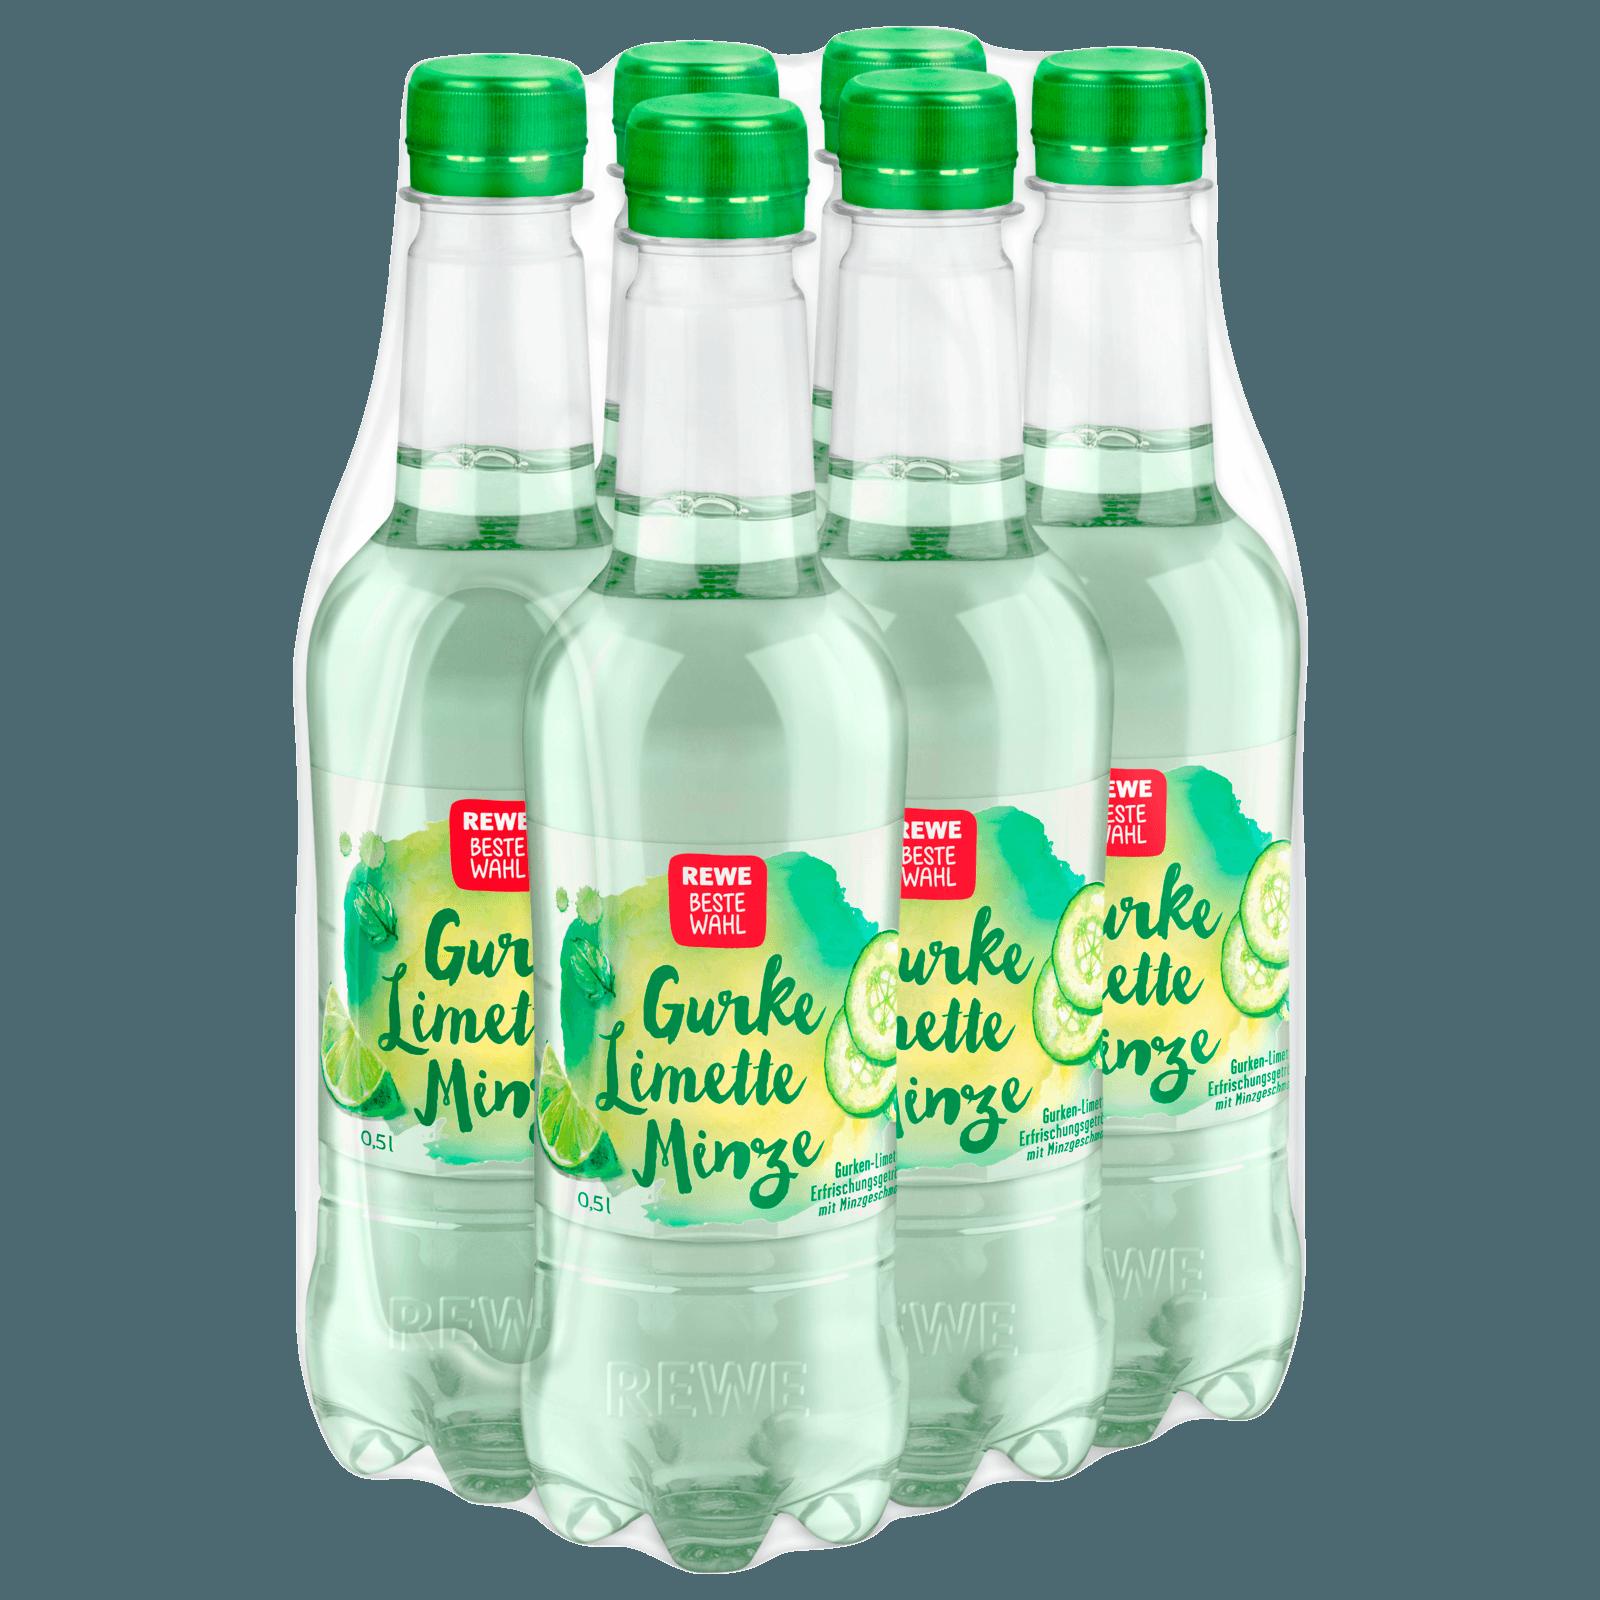 REWE Beste Wahl Gurke Limette Minze 6x0,5l